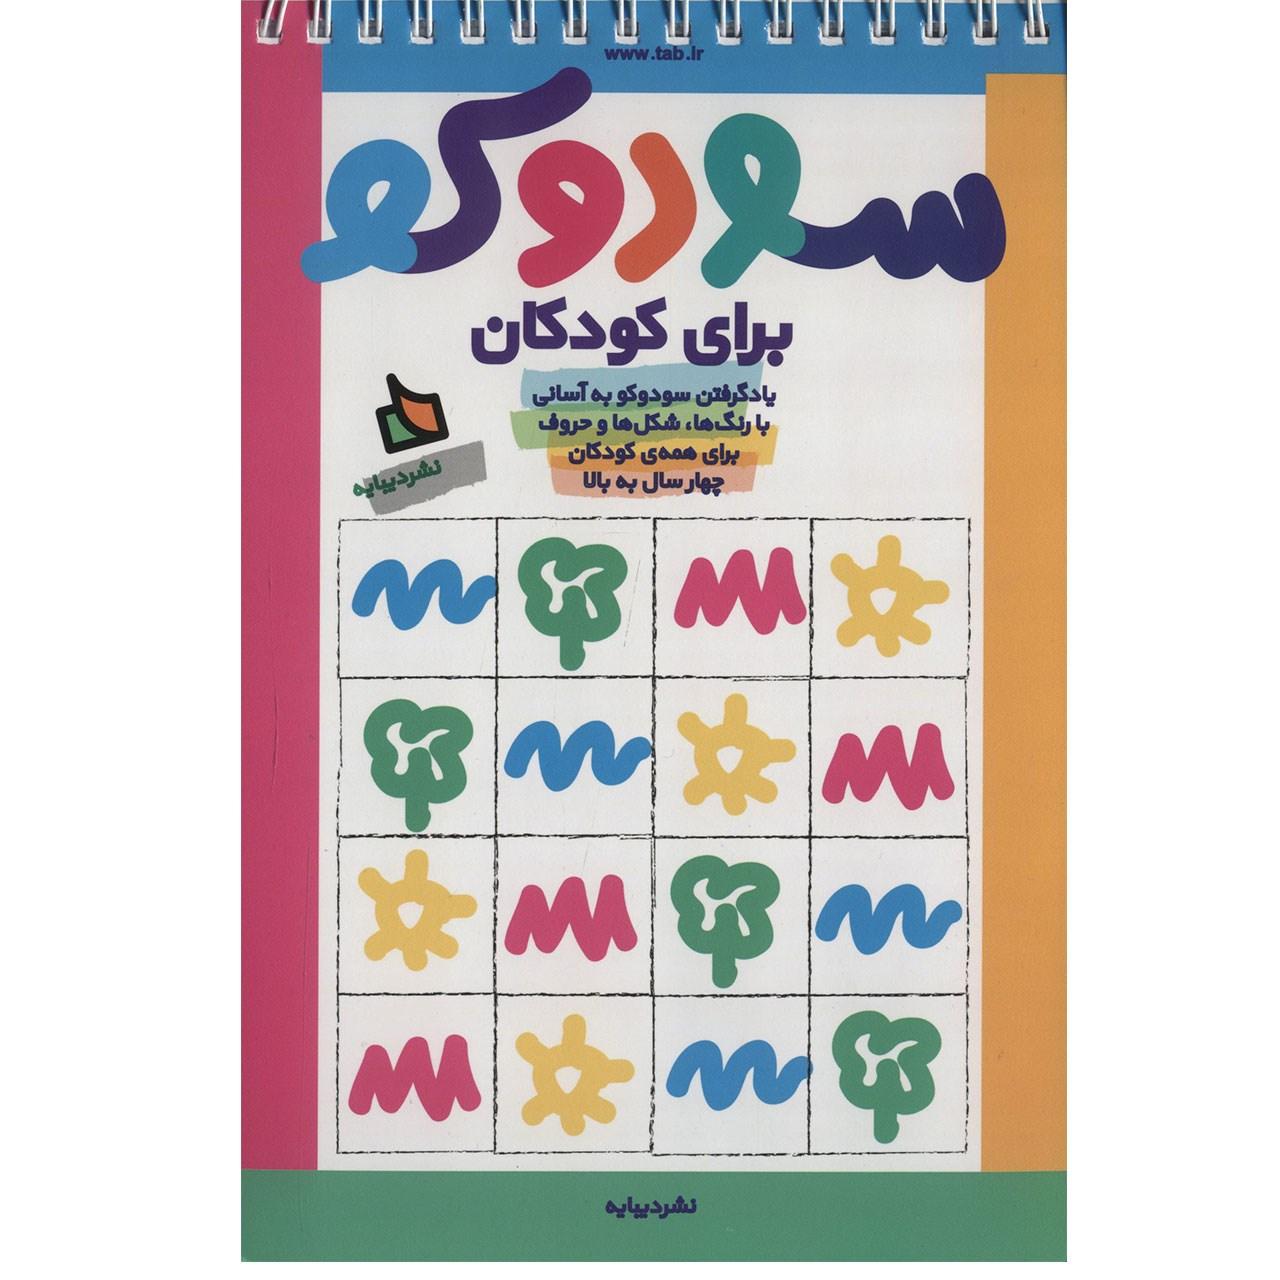 کتاب سودوکو برای کودکان اثر نغمه محمدحسینی